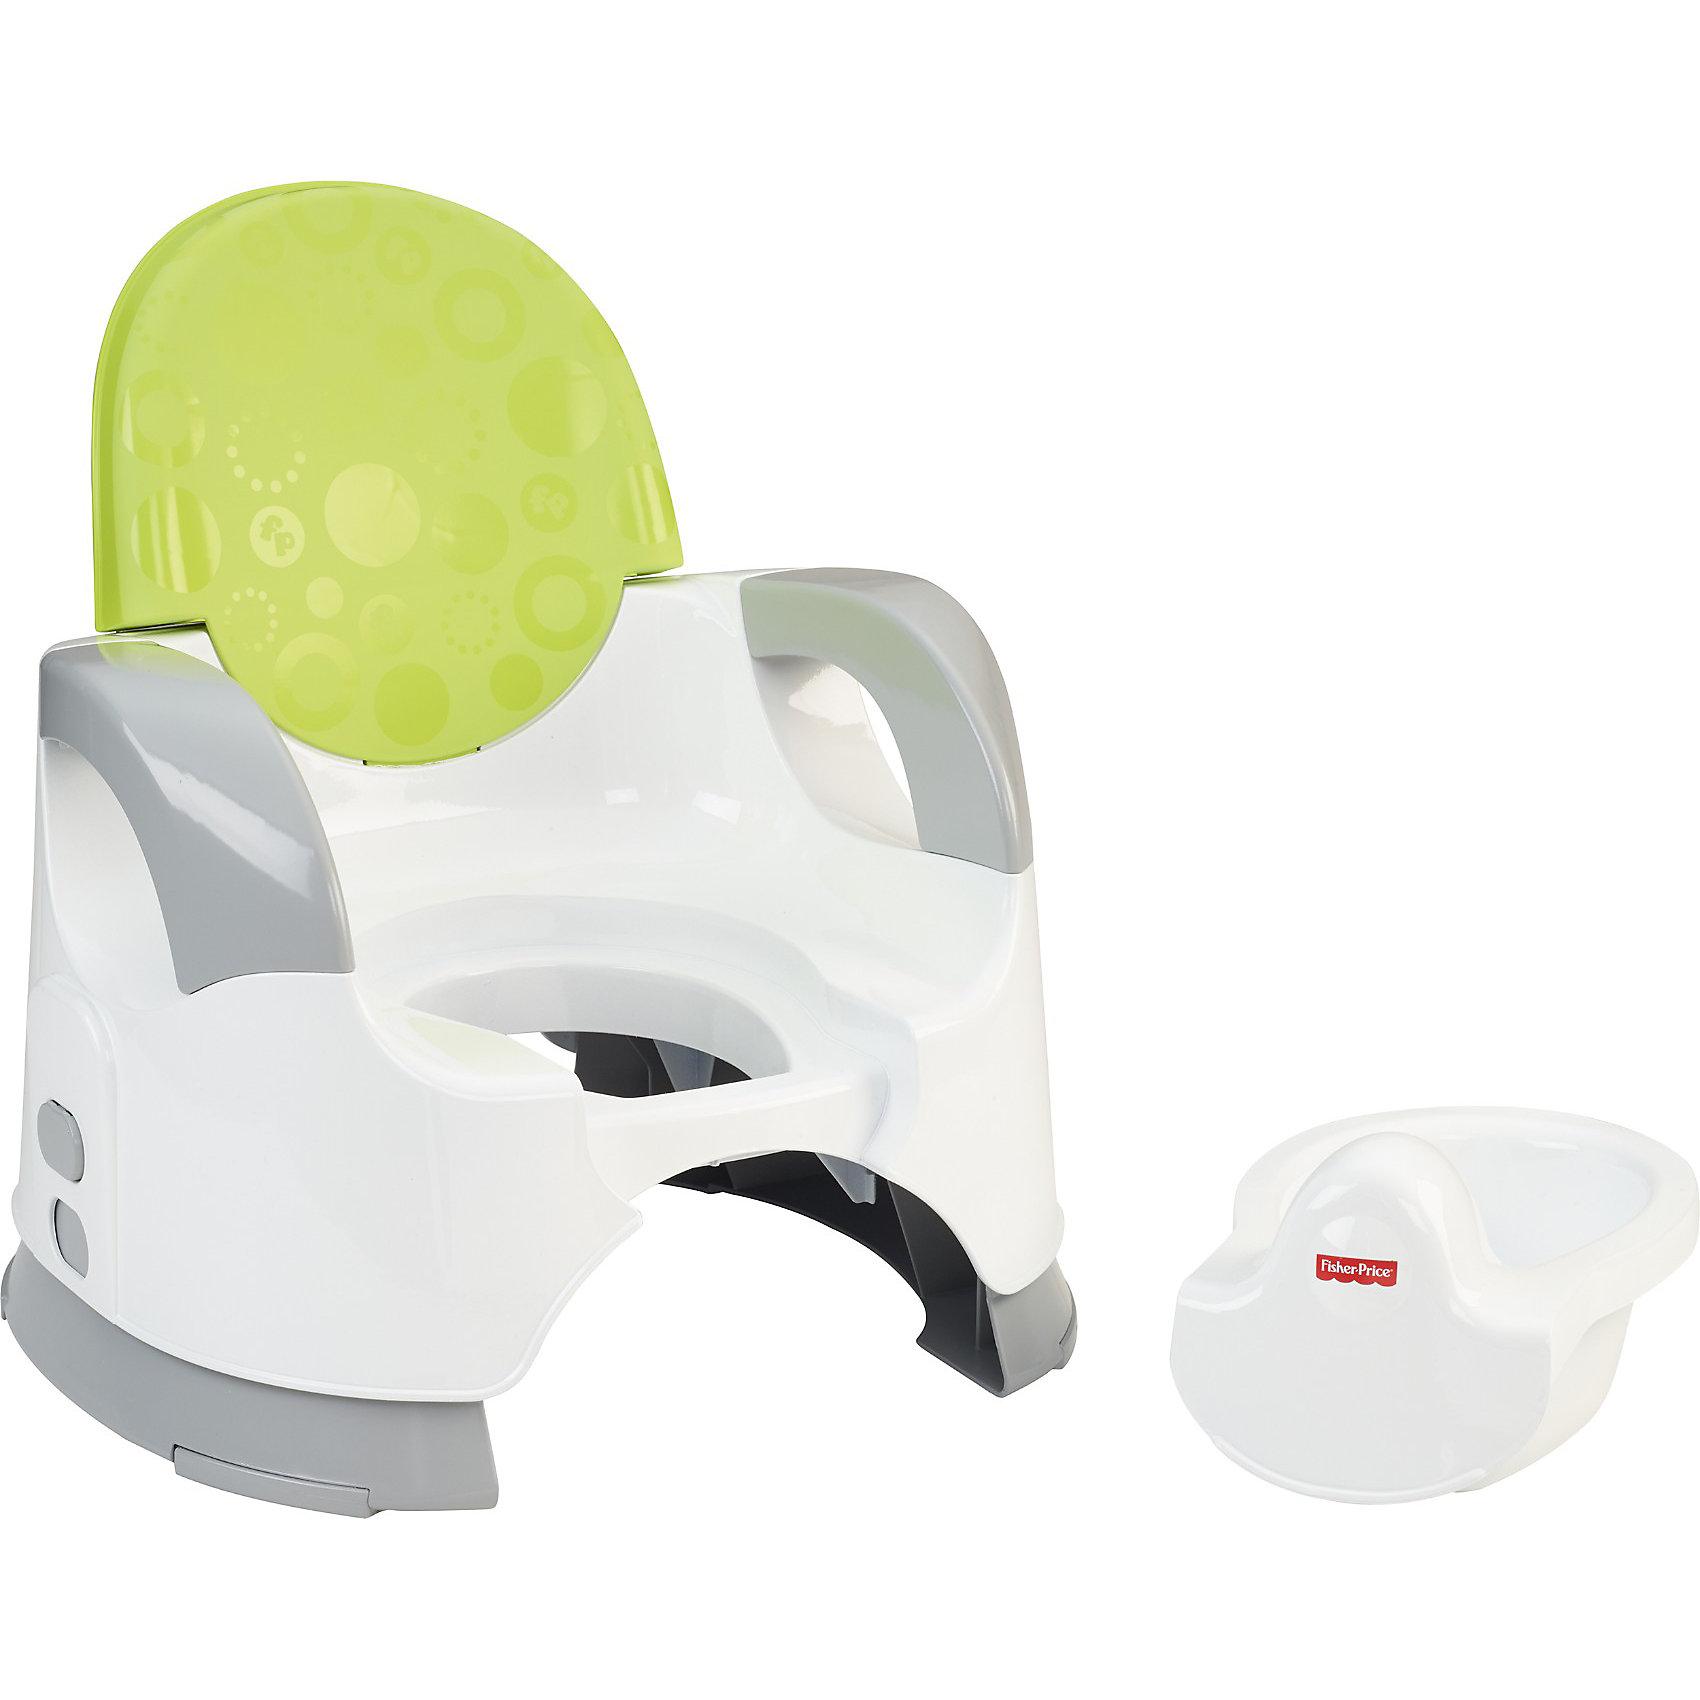 Зеленый горшок Удобство и комфорт, Fisher-price (Mattel)